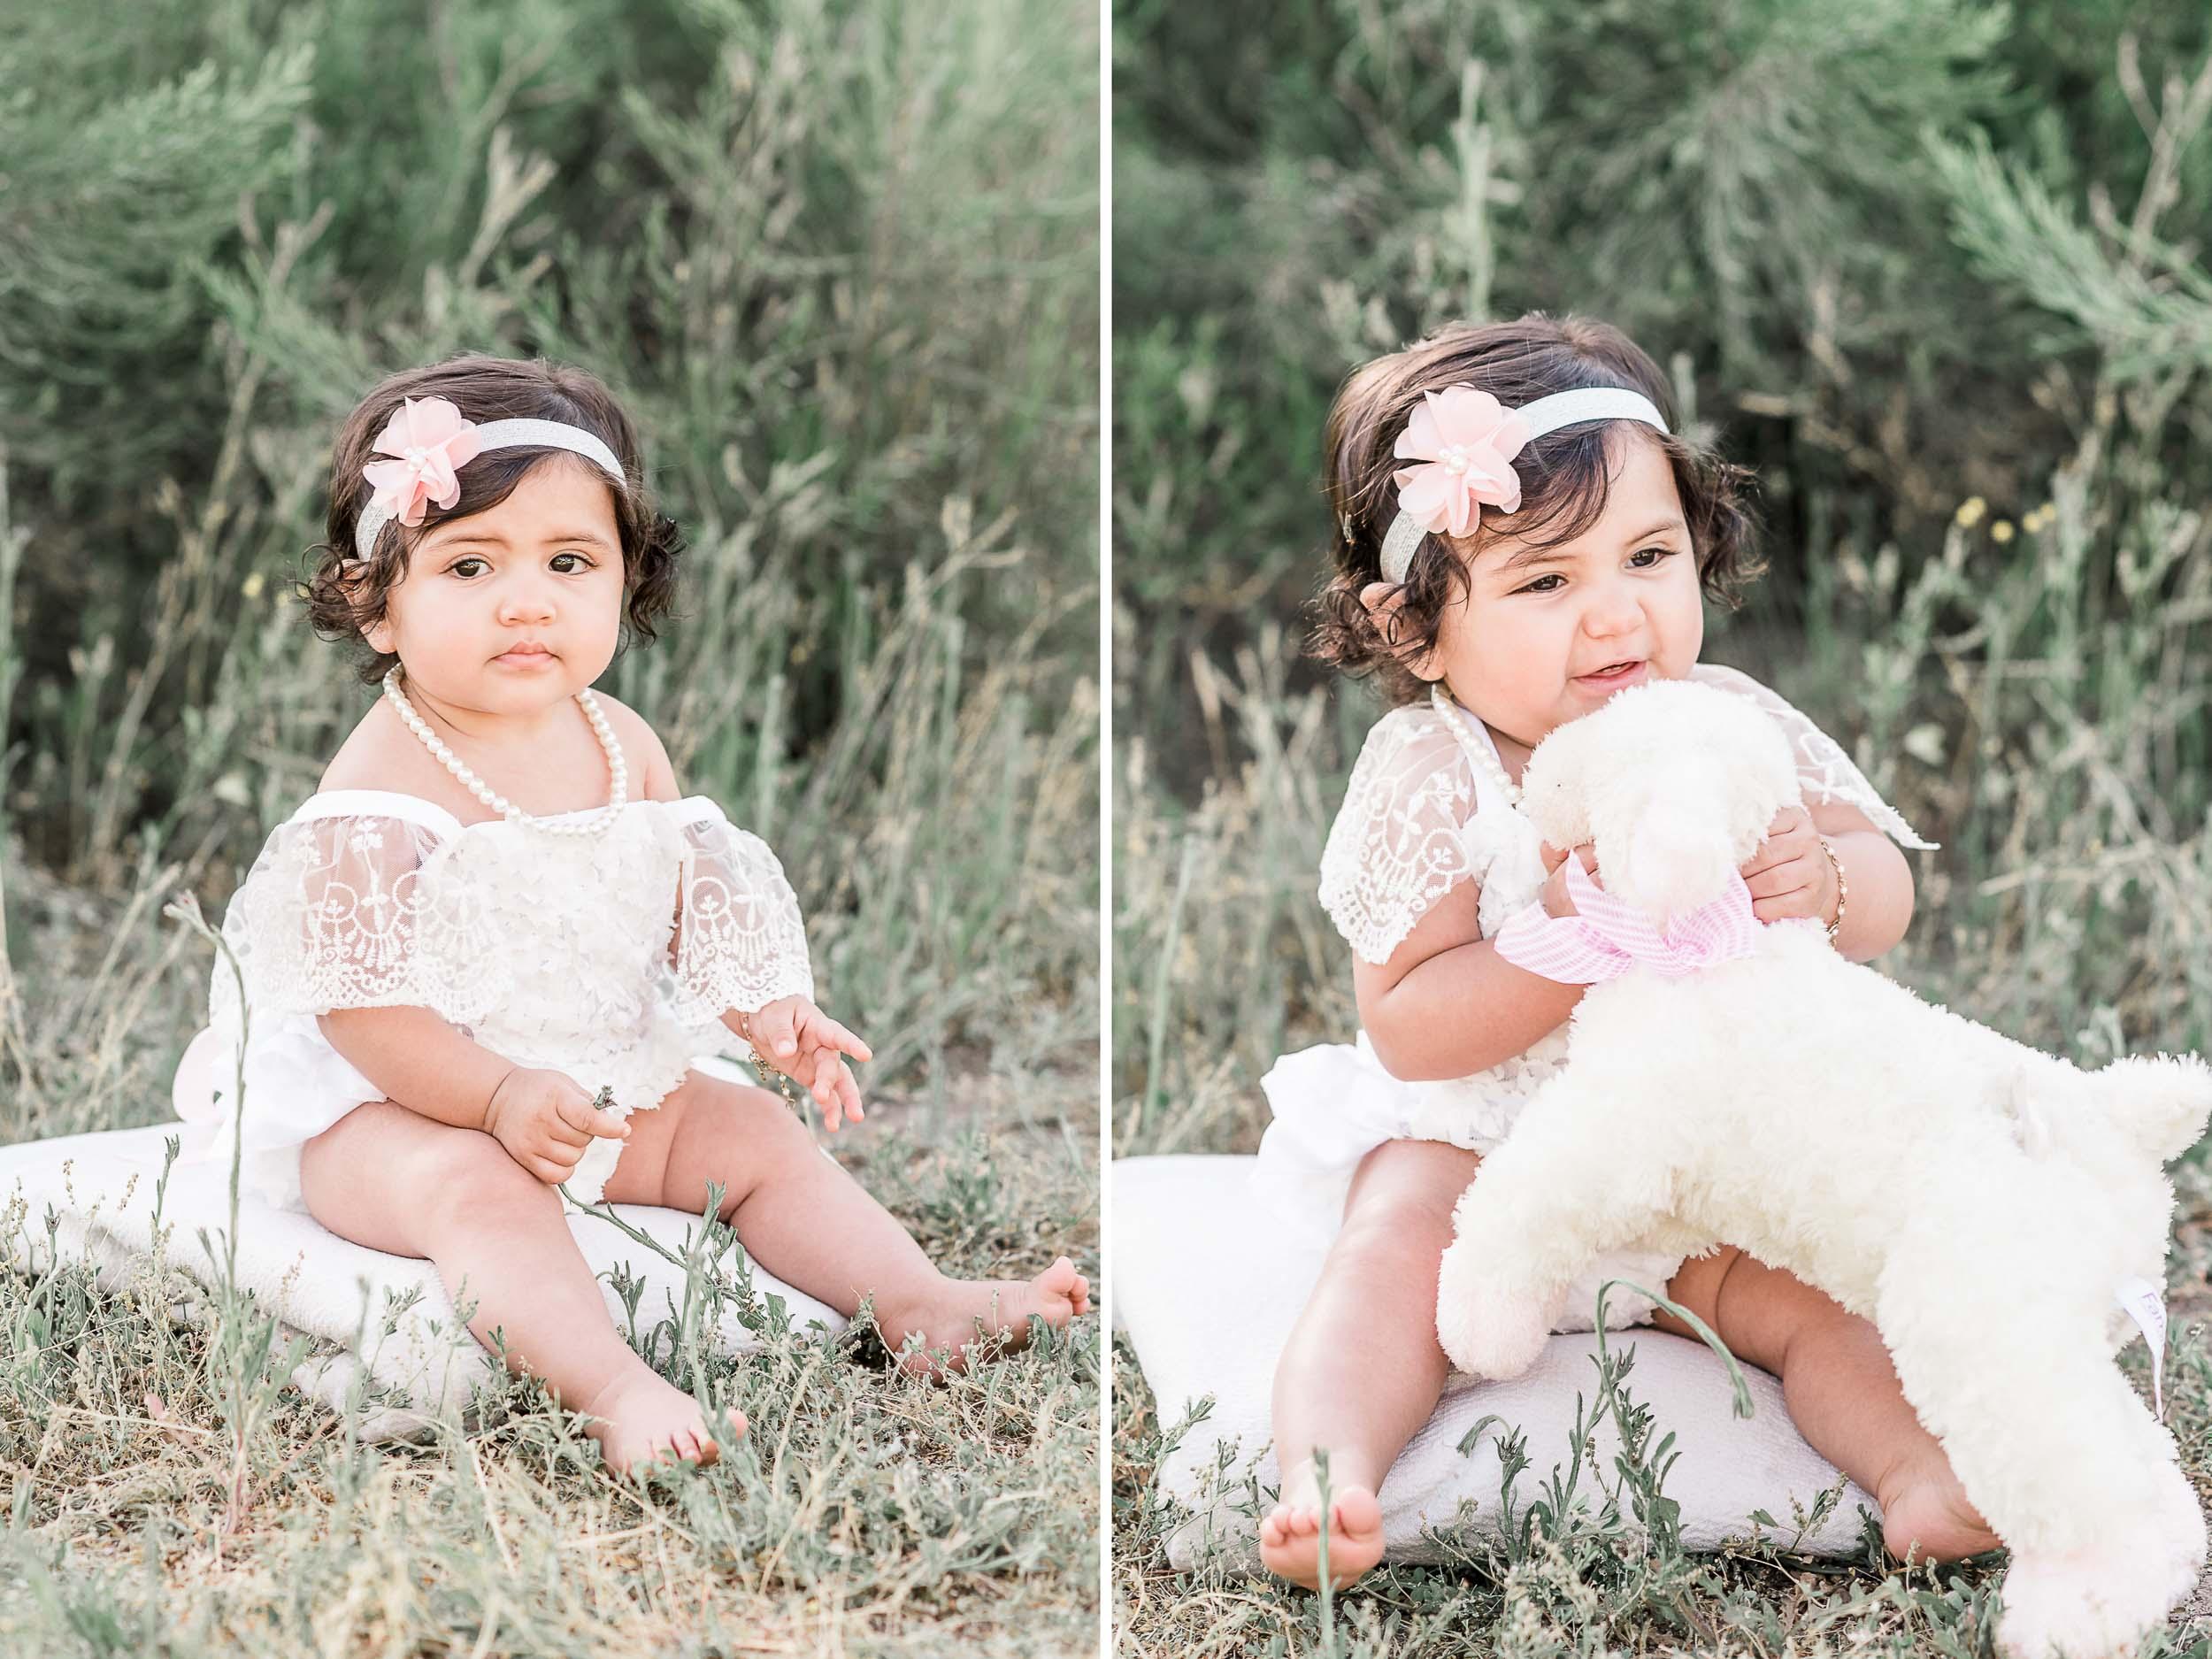 RachaelLaynePhotography_SCfamilyphotographer02-2.jpg